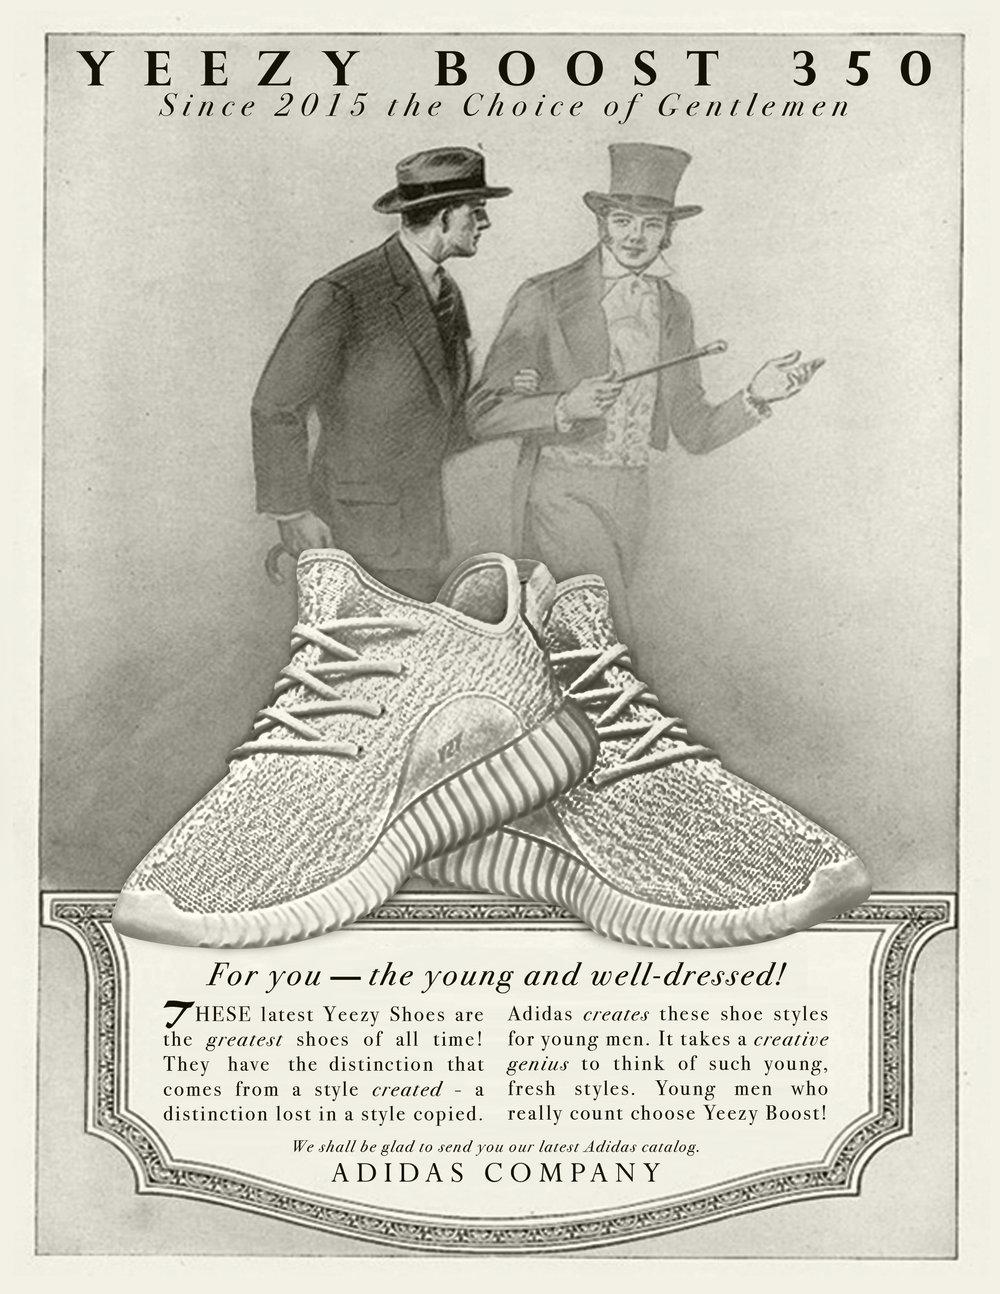 1920s STYLE YEEZY AD